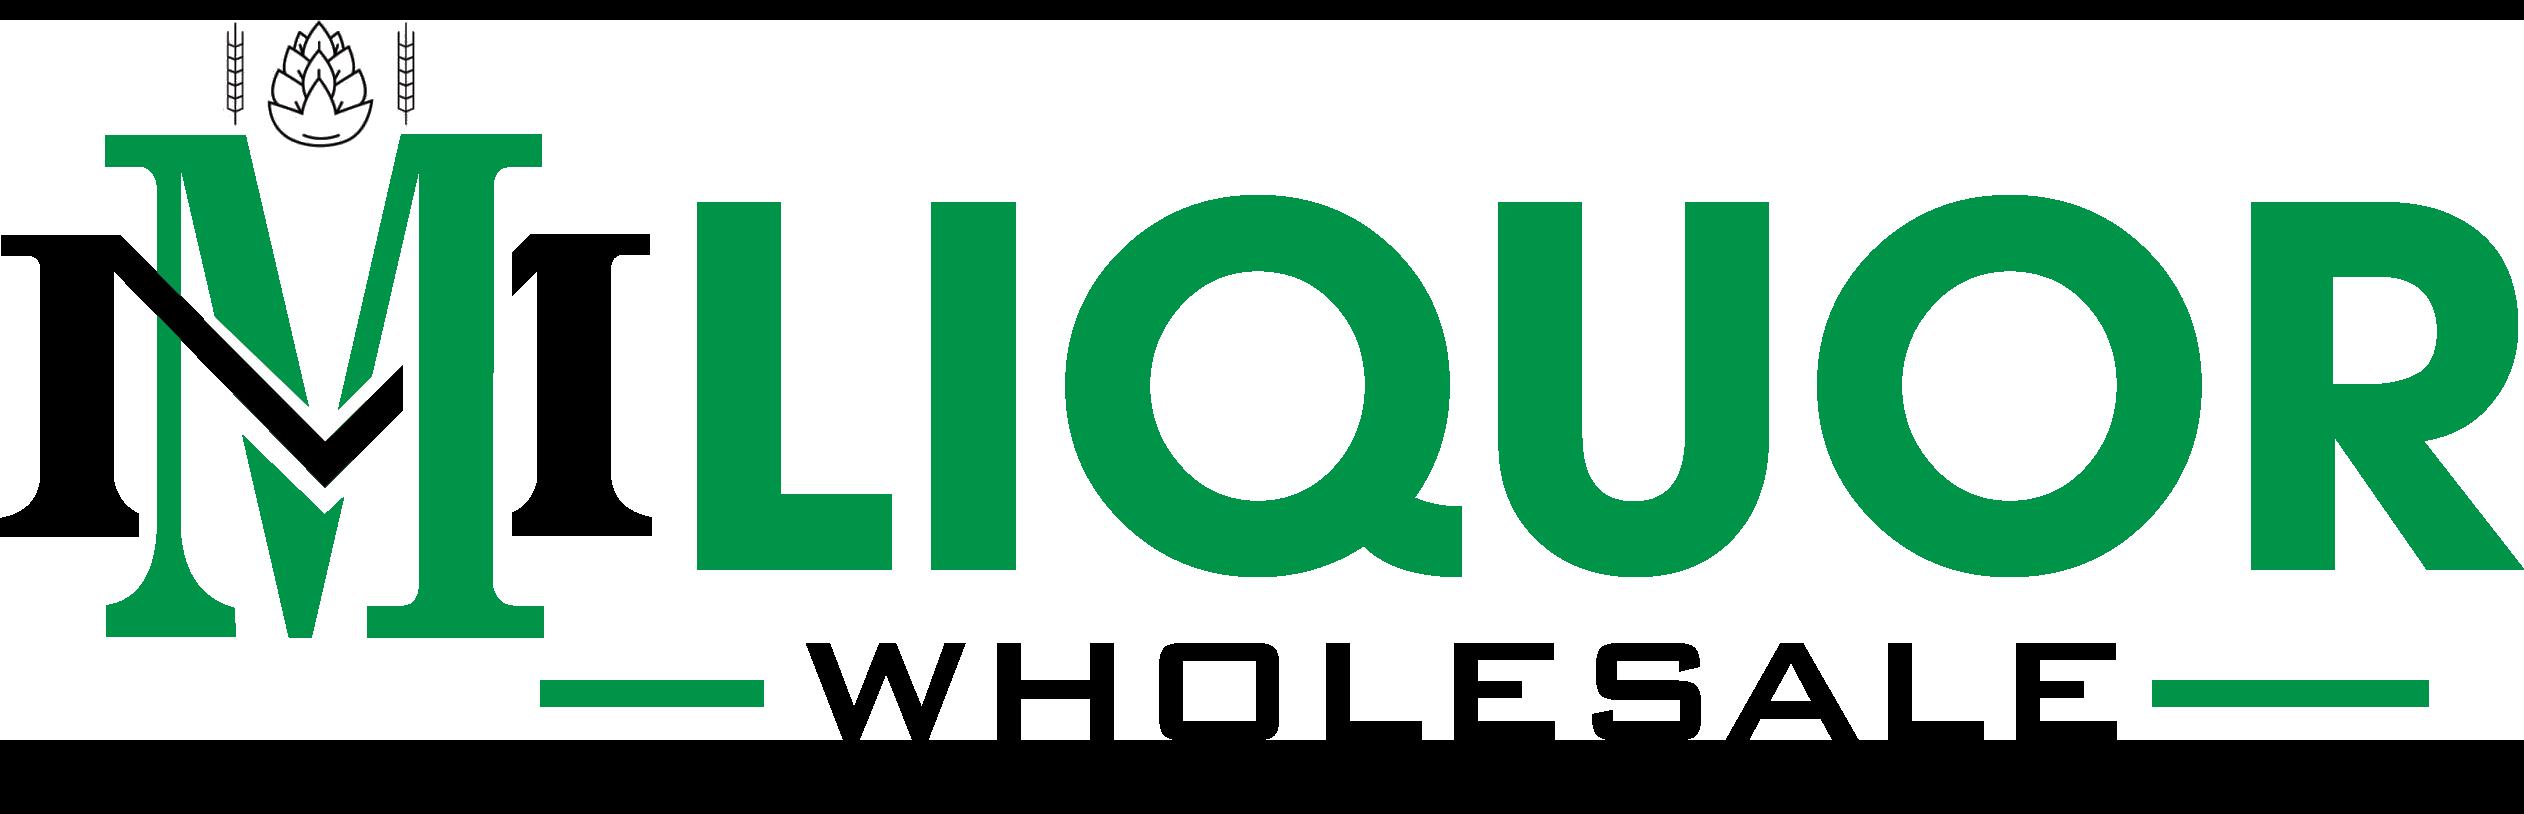 MM Liquor Wholesale